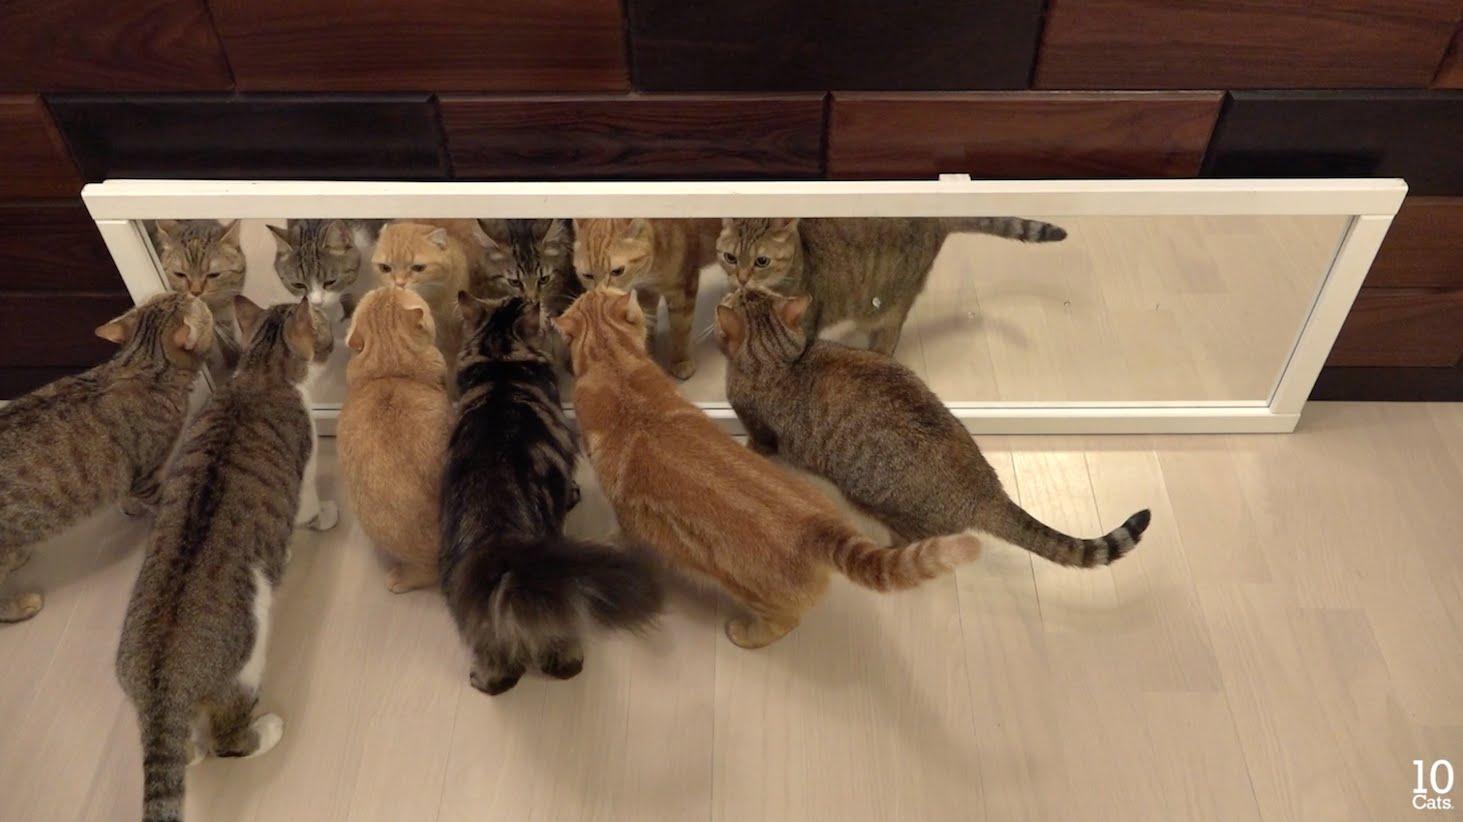 Gatti allo specchio gattissimi - Cane allo specchio ...